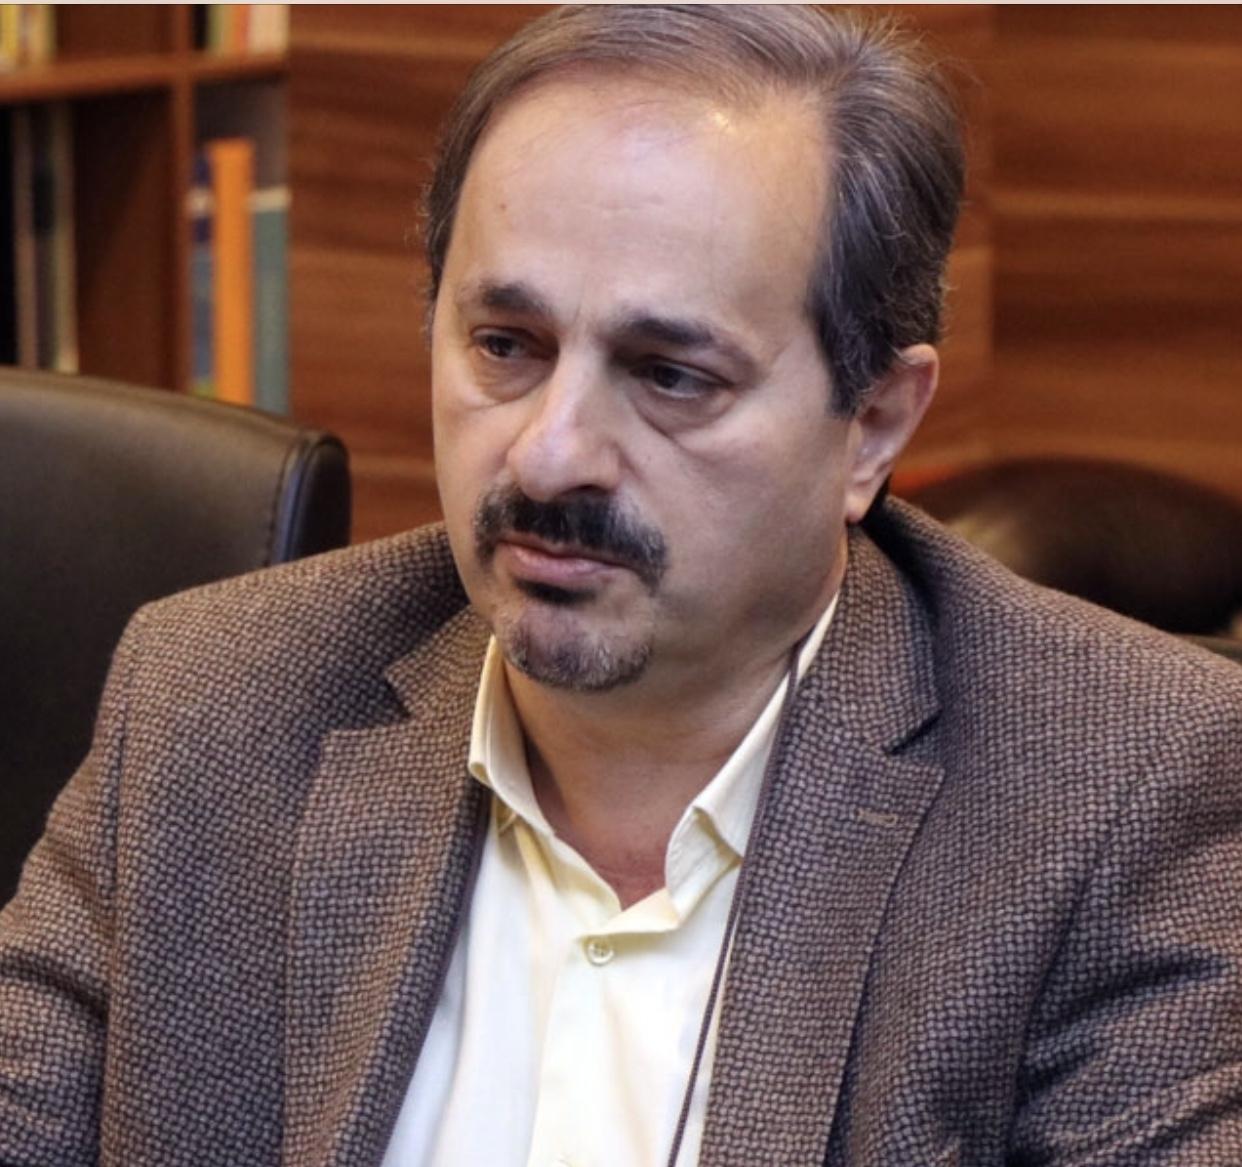 کیوان محمدی در جلسه بررسی مطالعات آمایش استان :استانهایی که تا دی ماه سالجاری نتواند طرح آمایش خود را ارائه دهند کشور خود تصمیم خواهد گرفت